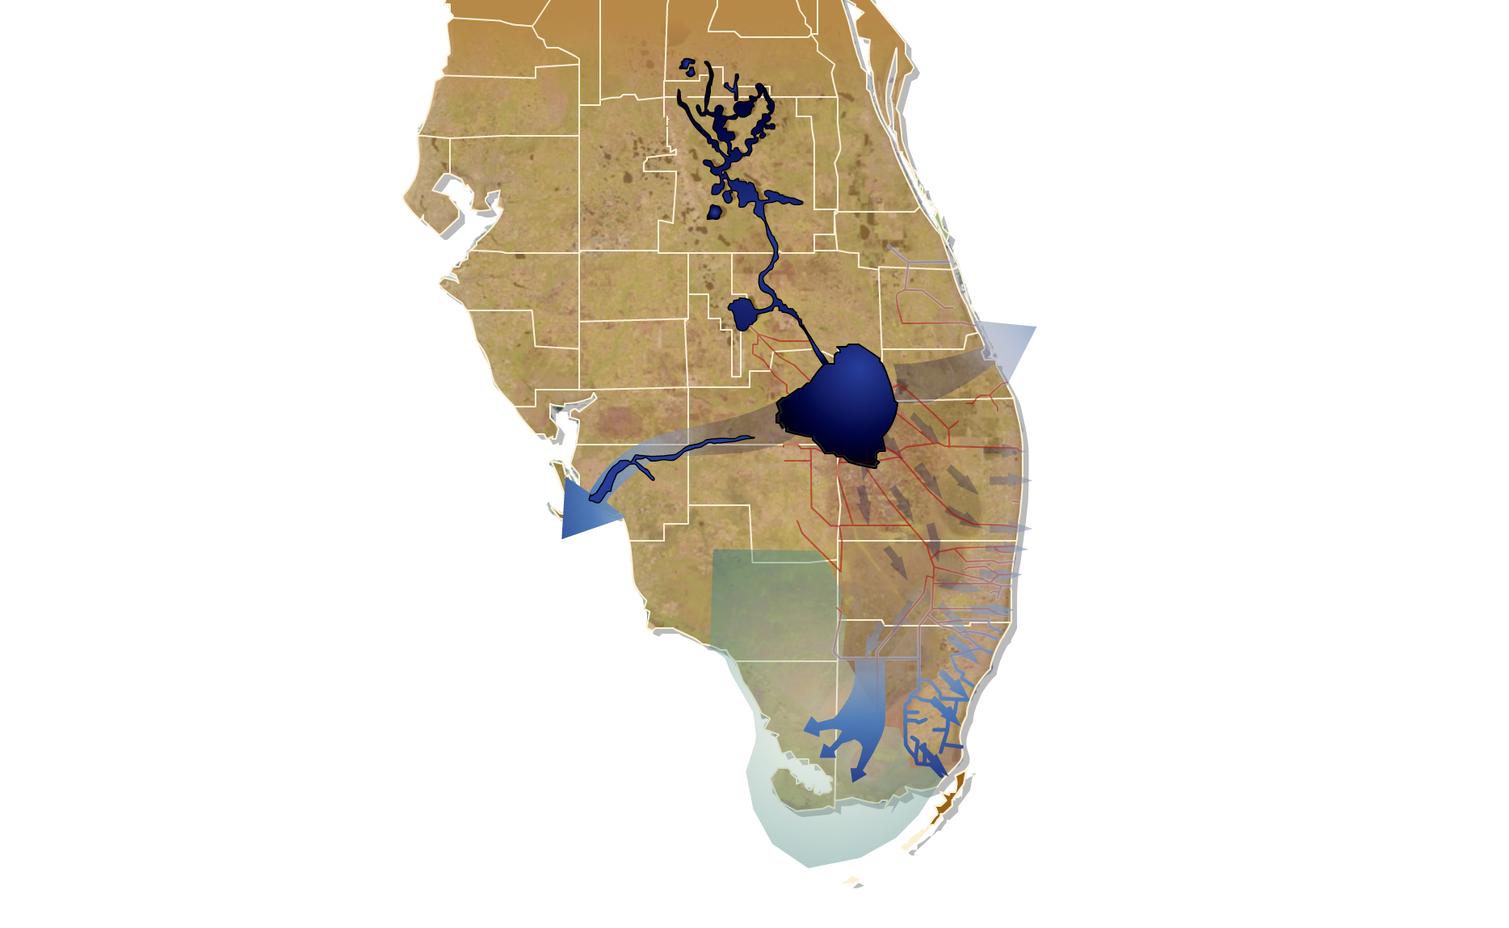 Current Everglades water flow (click for larger image). - Image Credit: Evergladesrestoration.gov